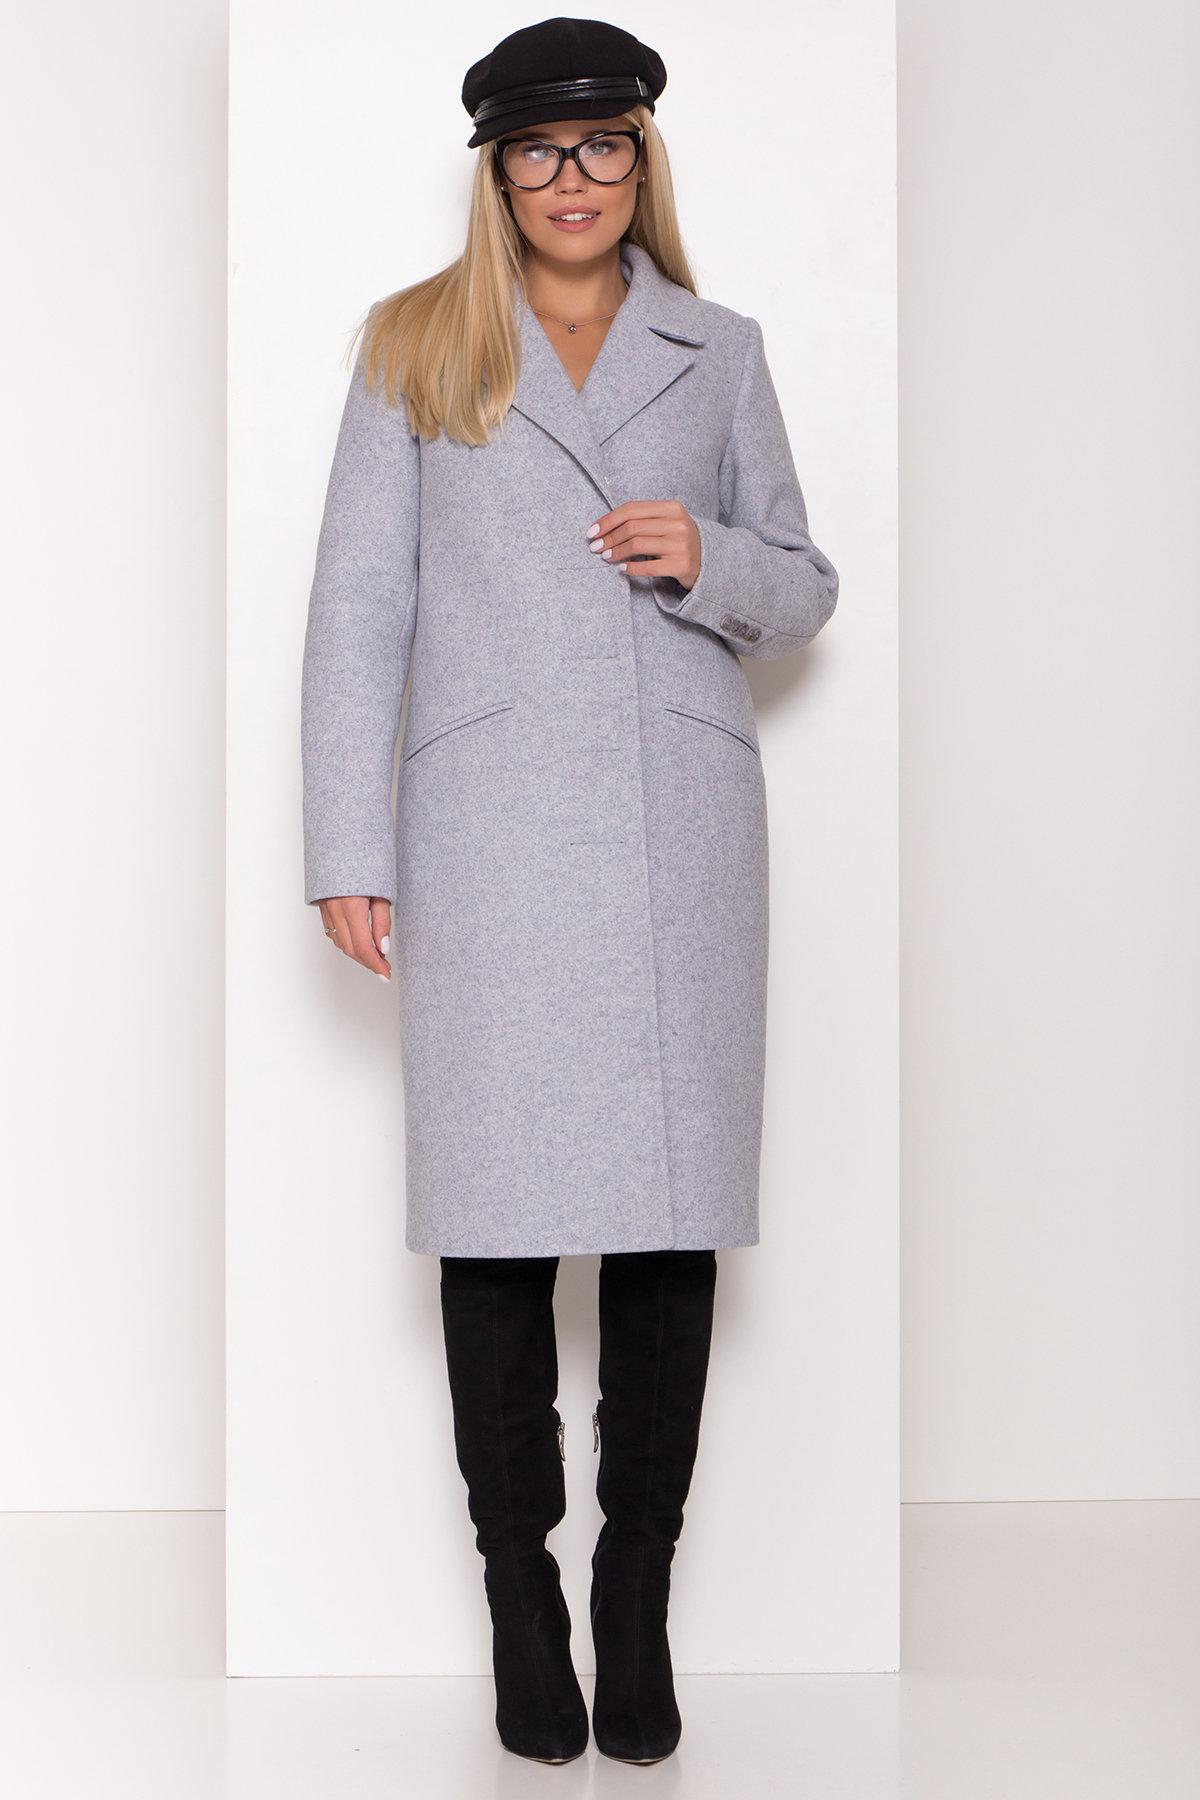 Пальто зима Реджи классик 8202 АРТ. 44217 Цвет: Серый Светлый 33 - фото 4, интернет магазин tm-modus.ru